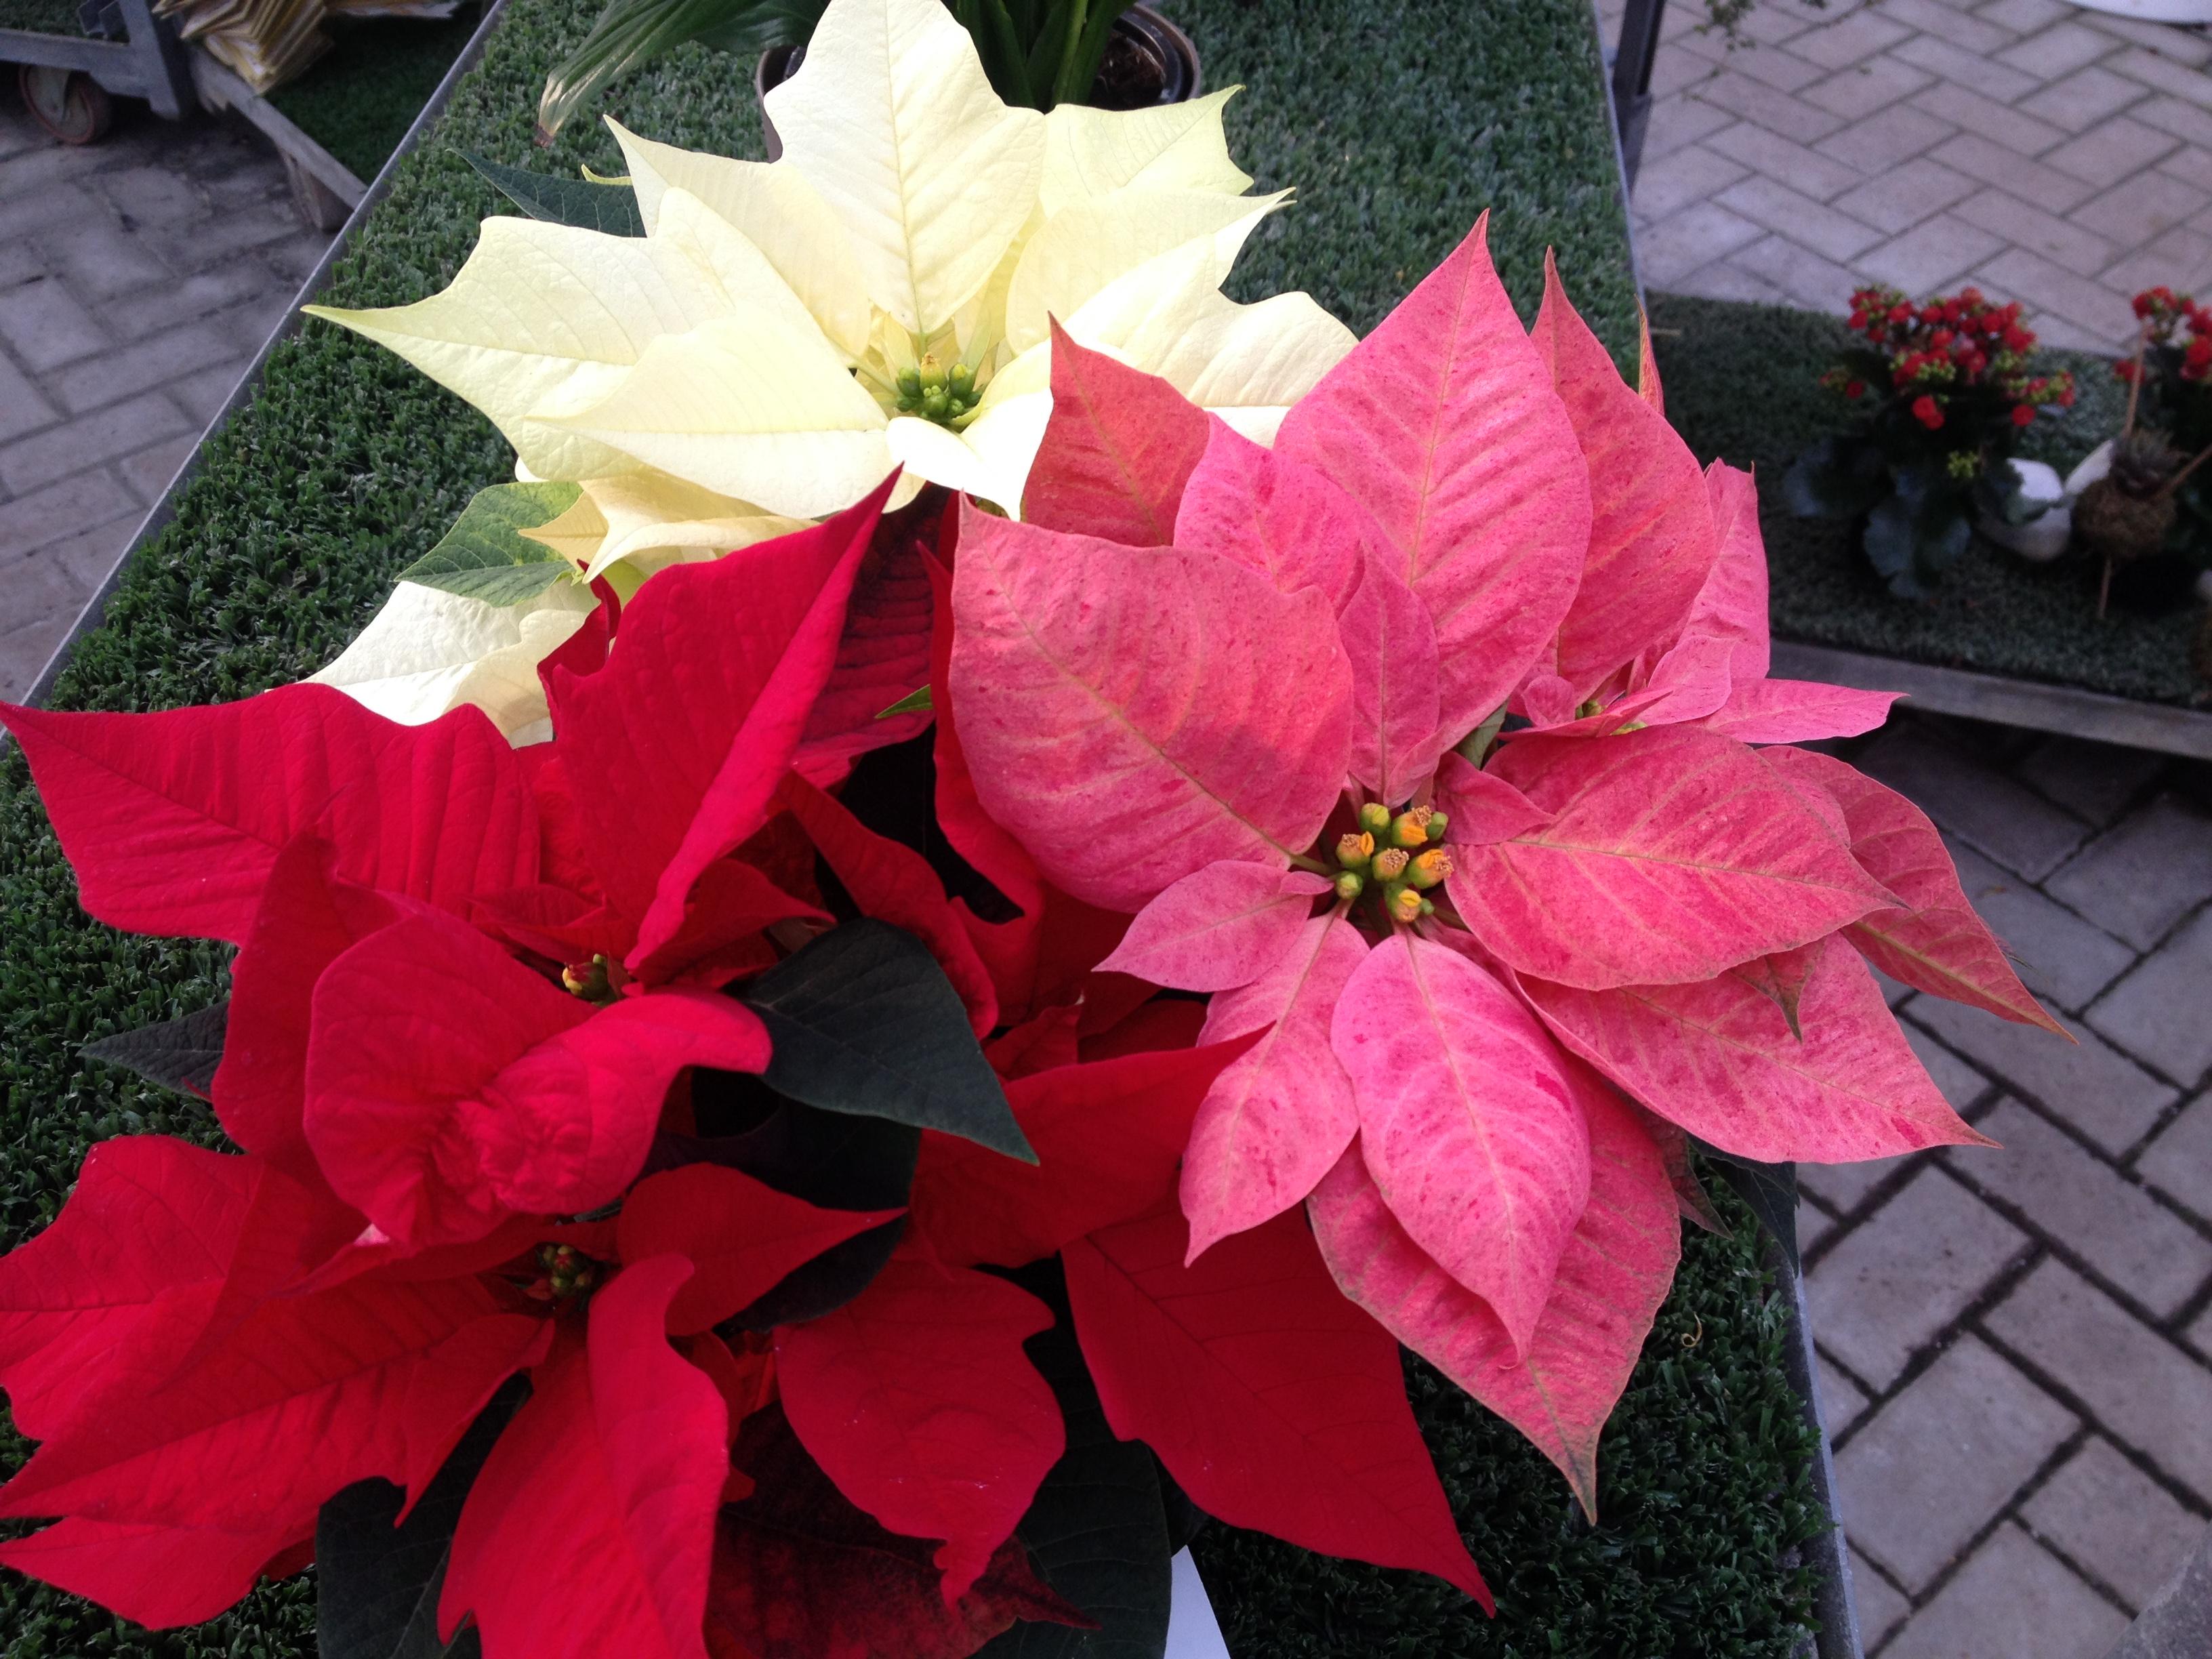 Stella Di Natale Appassita.Che Fare Con Le Stelle Di Natale Finite Le Festivita Natura 7giorni